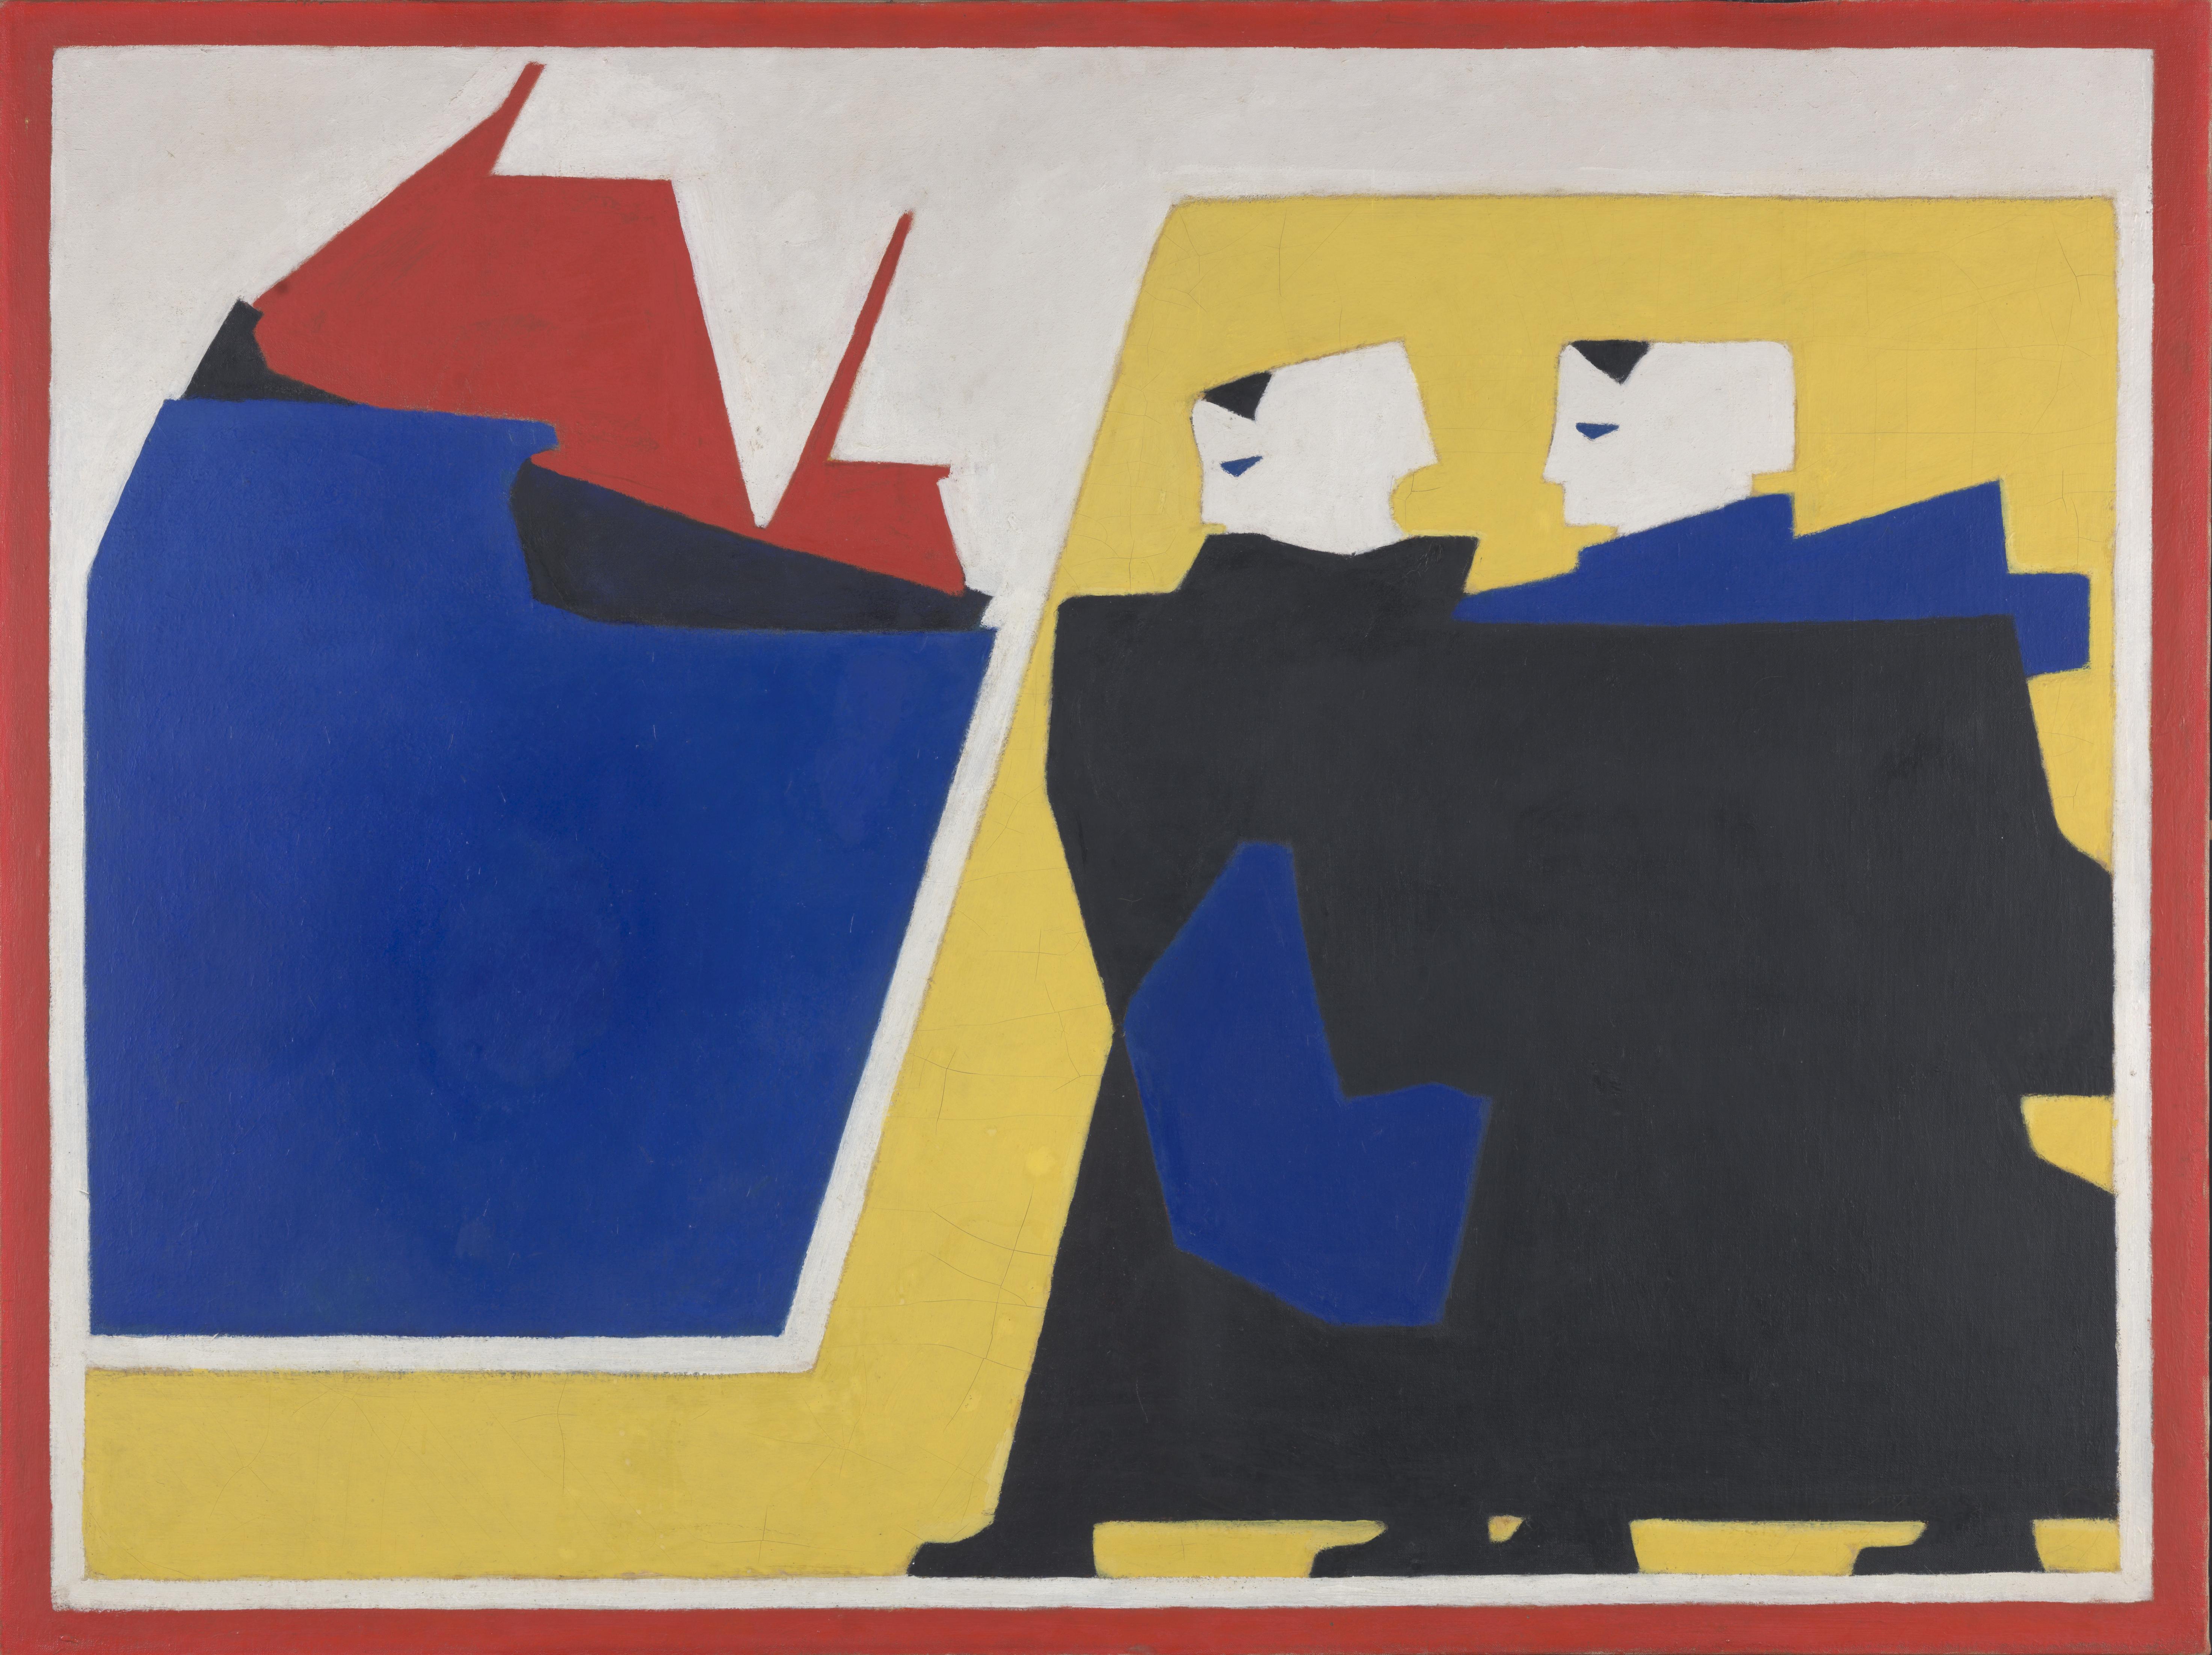 Wonderlijk Grootste Mondriaan tentoonstelling ooit in Gemeentemuseum CK-67